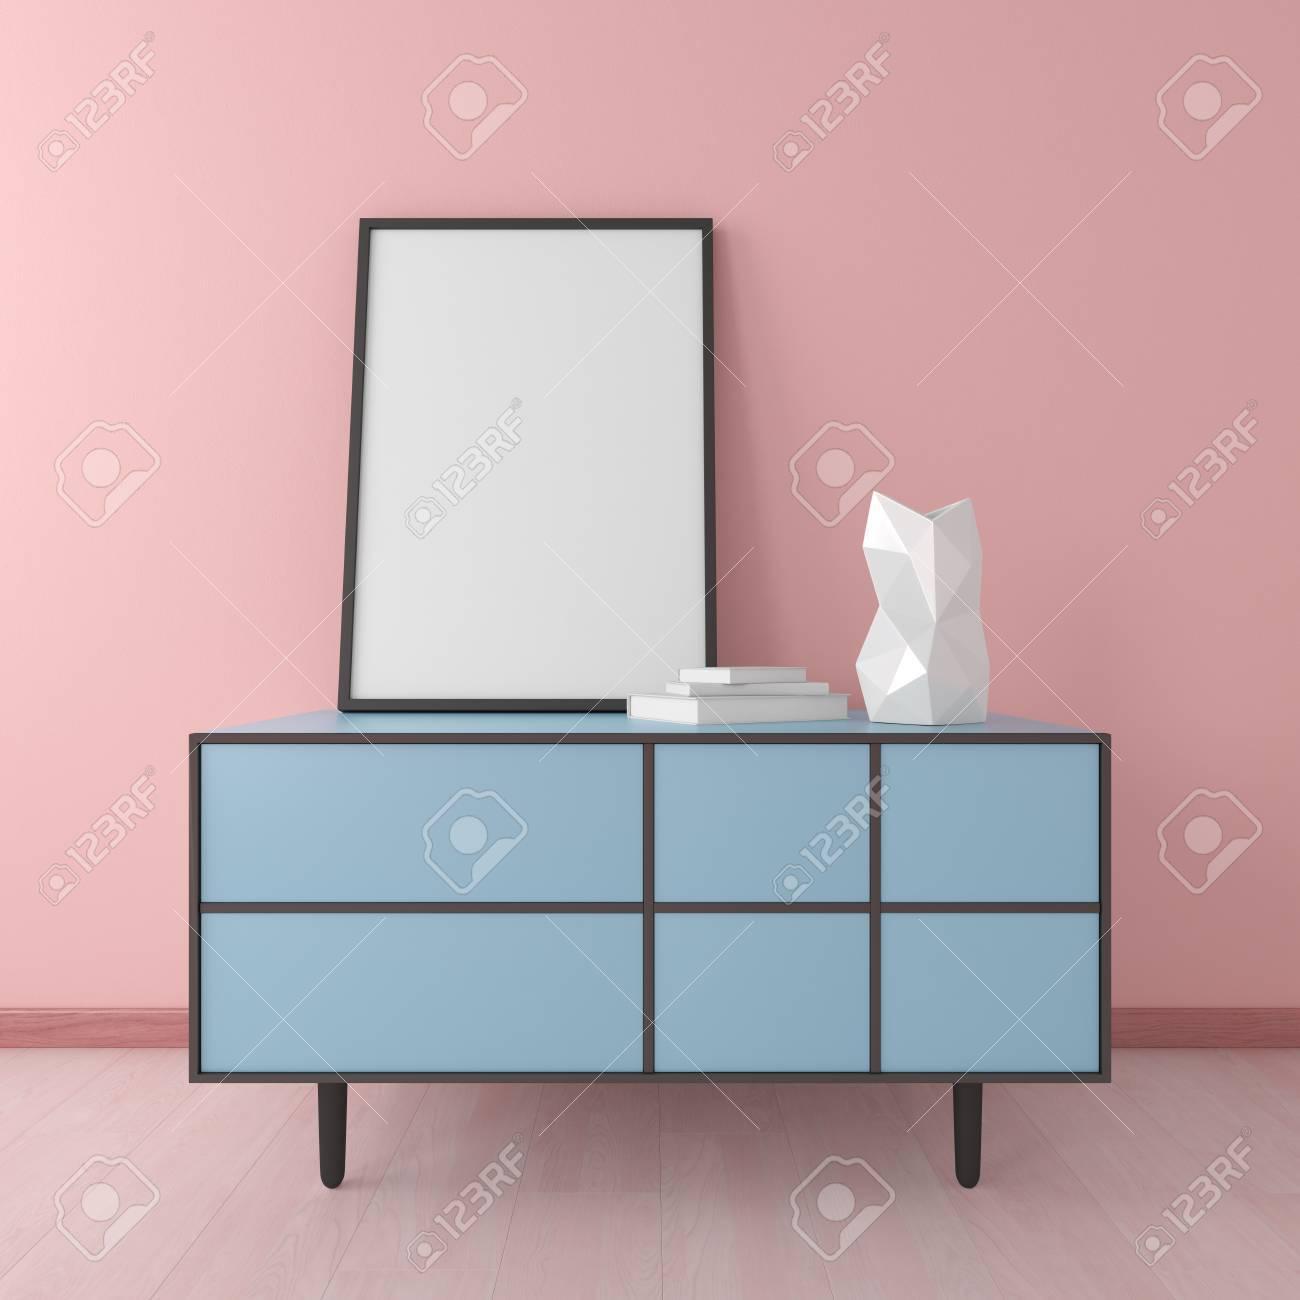 Bleu Commode Avec Cadre Et Vase En Chambre Rose Intérieur Mockup ...